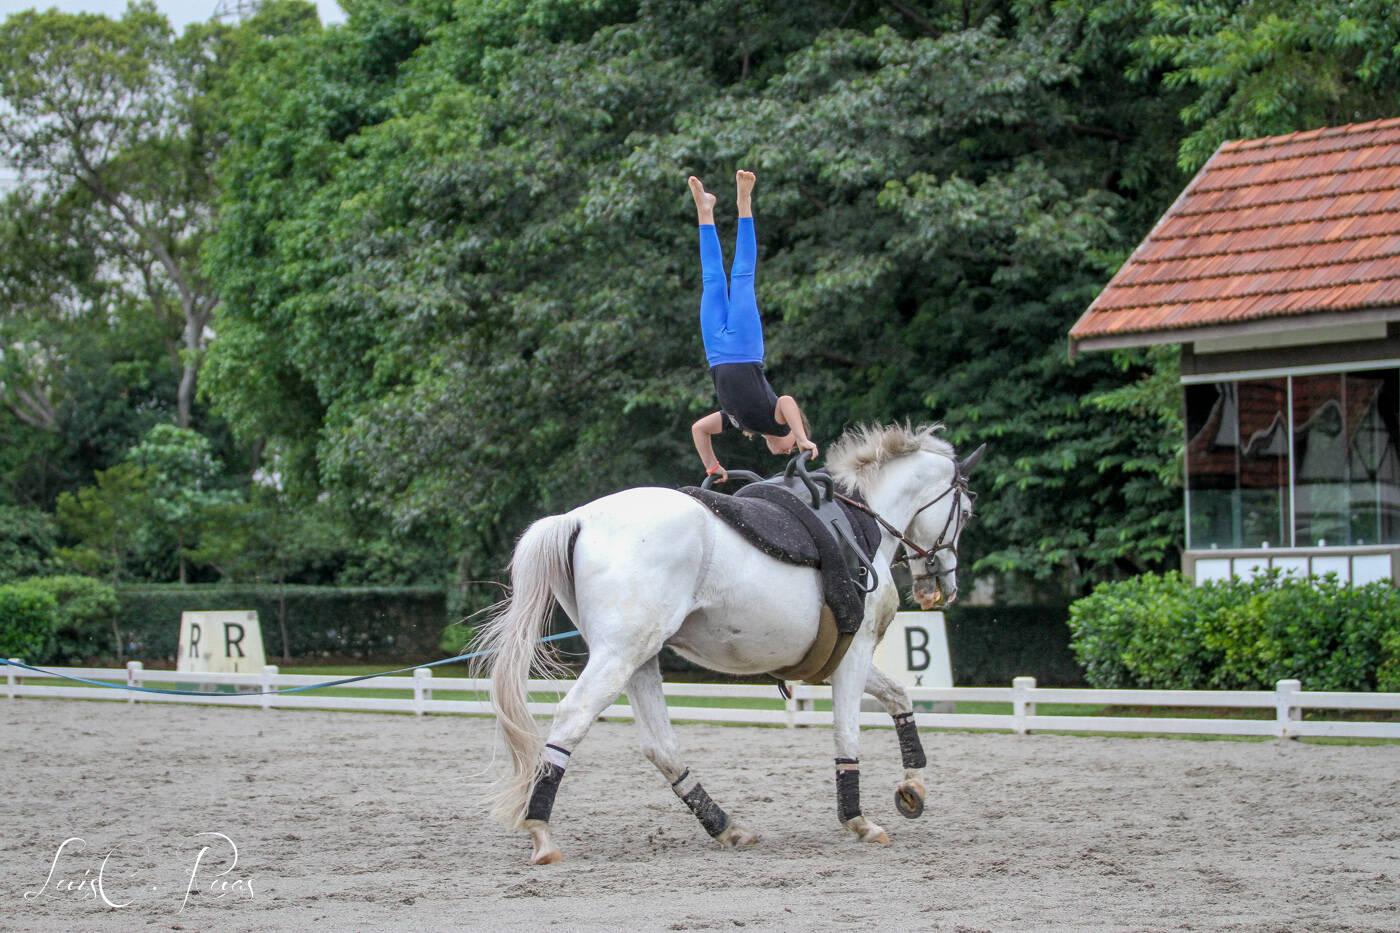 O volteio exige equilíbrio em manobras especiais em cima do cavalo. Foto: Divulgação/Hípica Paulista